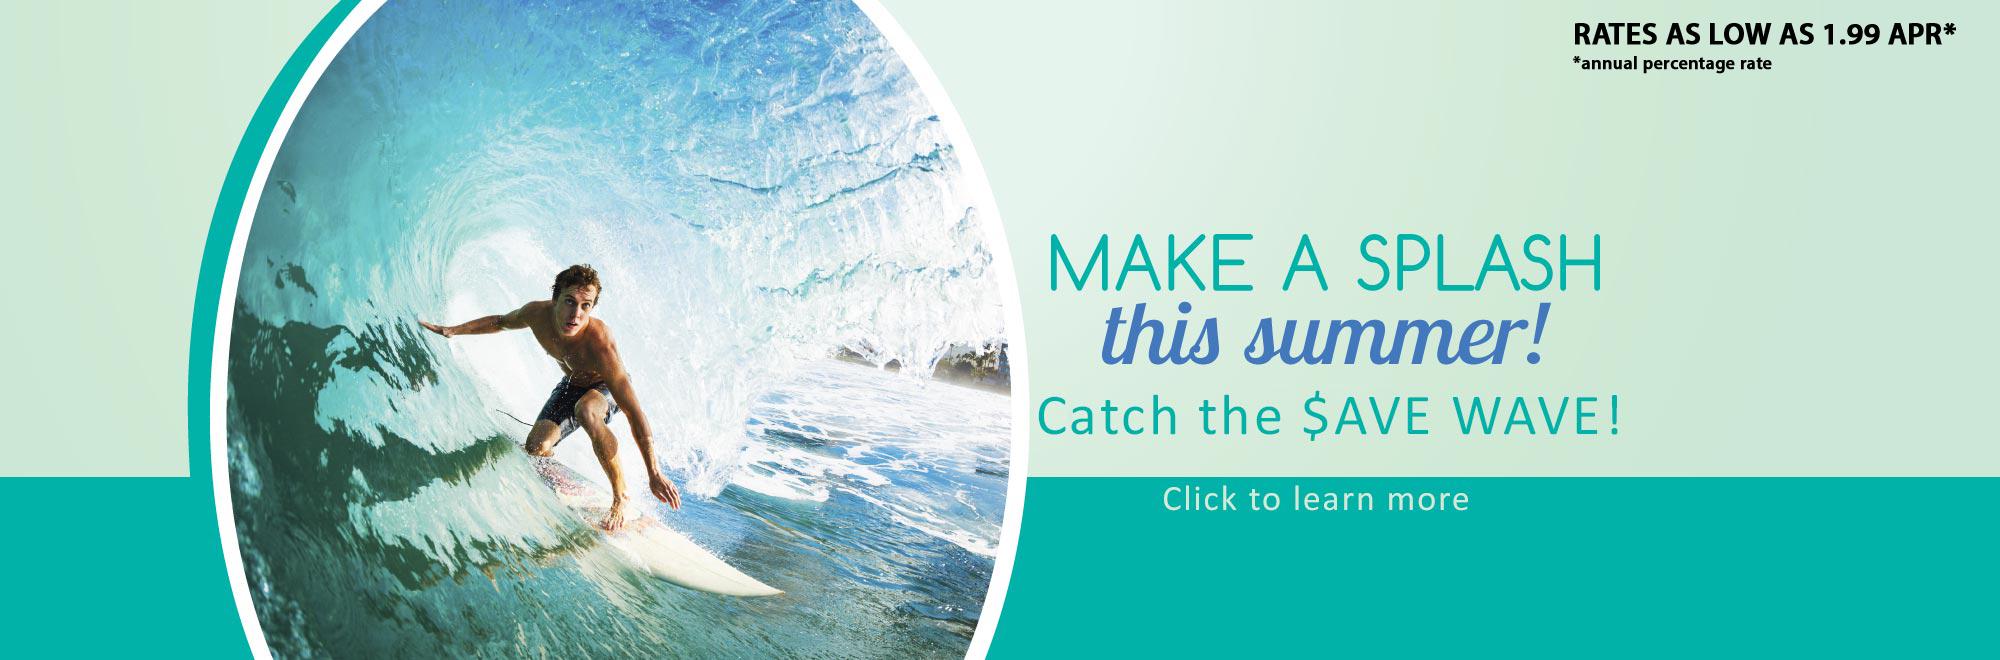 Make a Splash this Summer